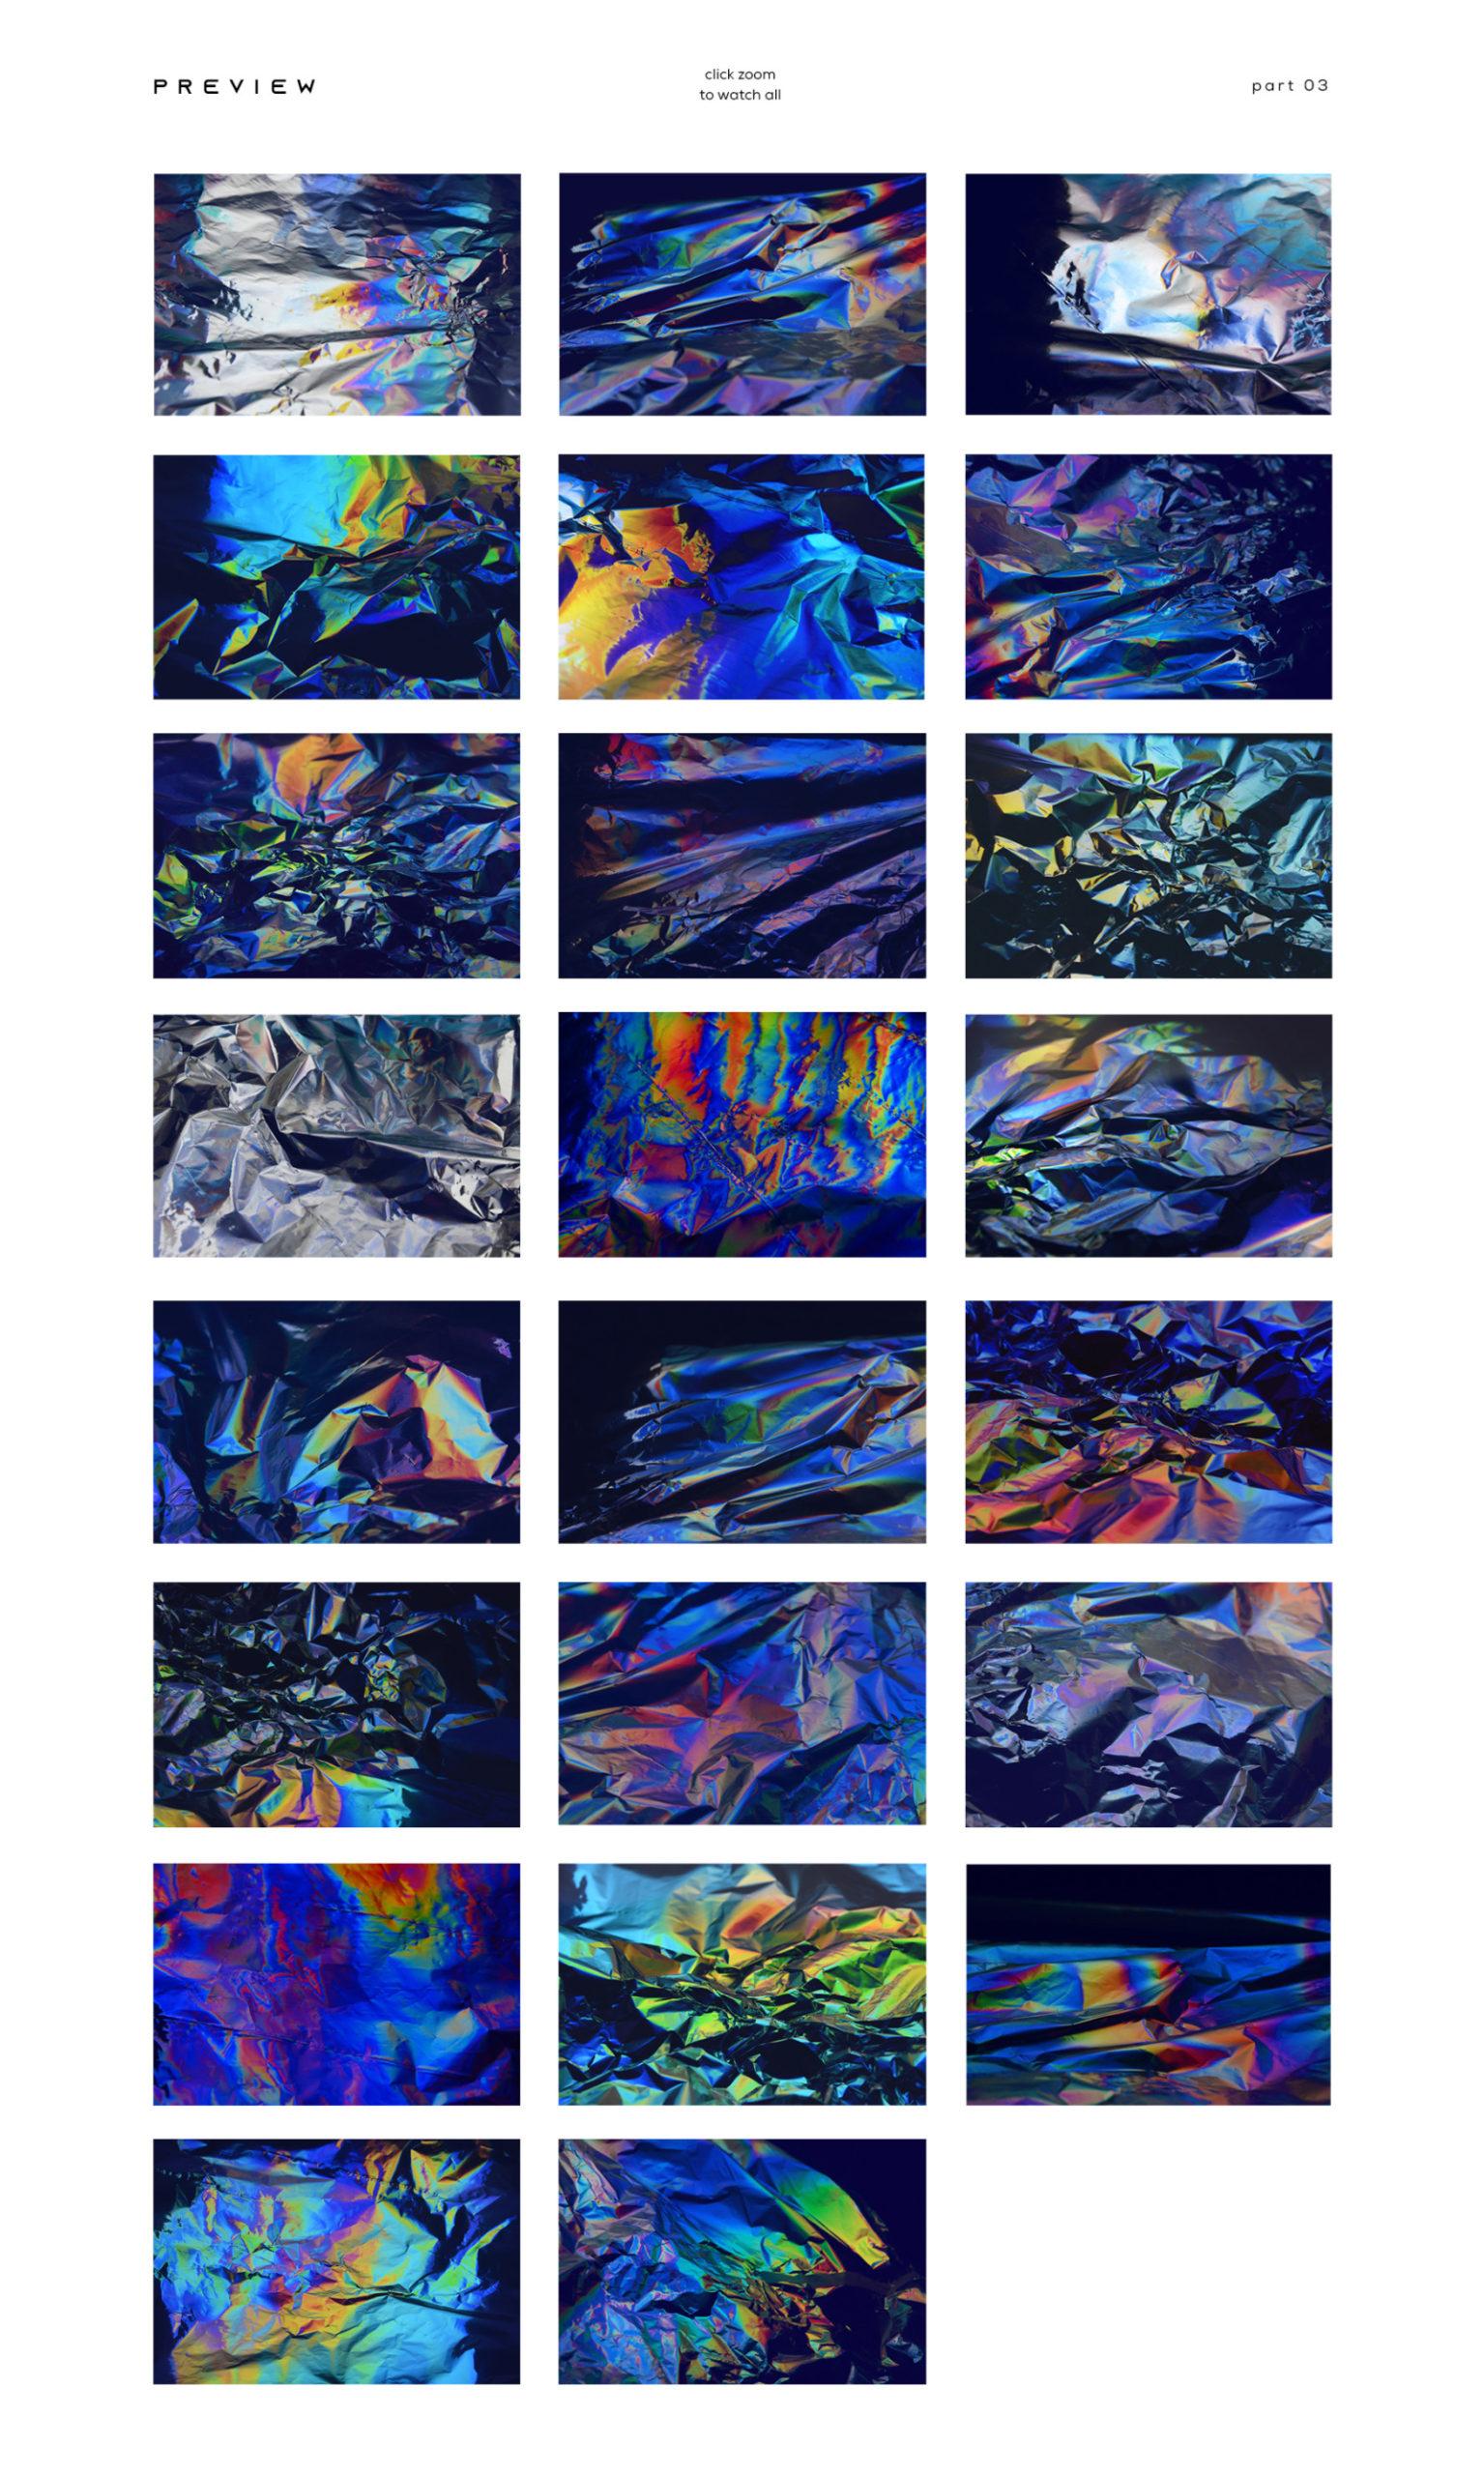 [淘宝购买] 80款潮流全息渐变虹彩金属箔纸纹理海报设计背景图片素材 Crumbled – 80 Foil Textures插图4